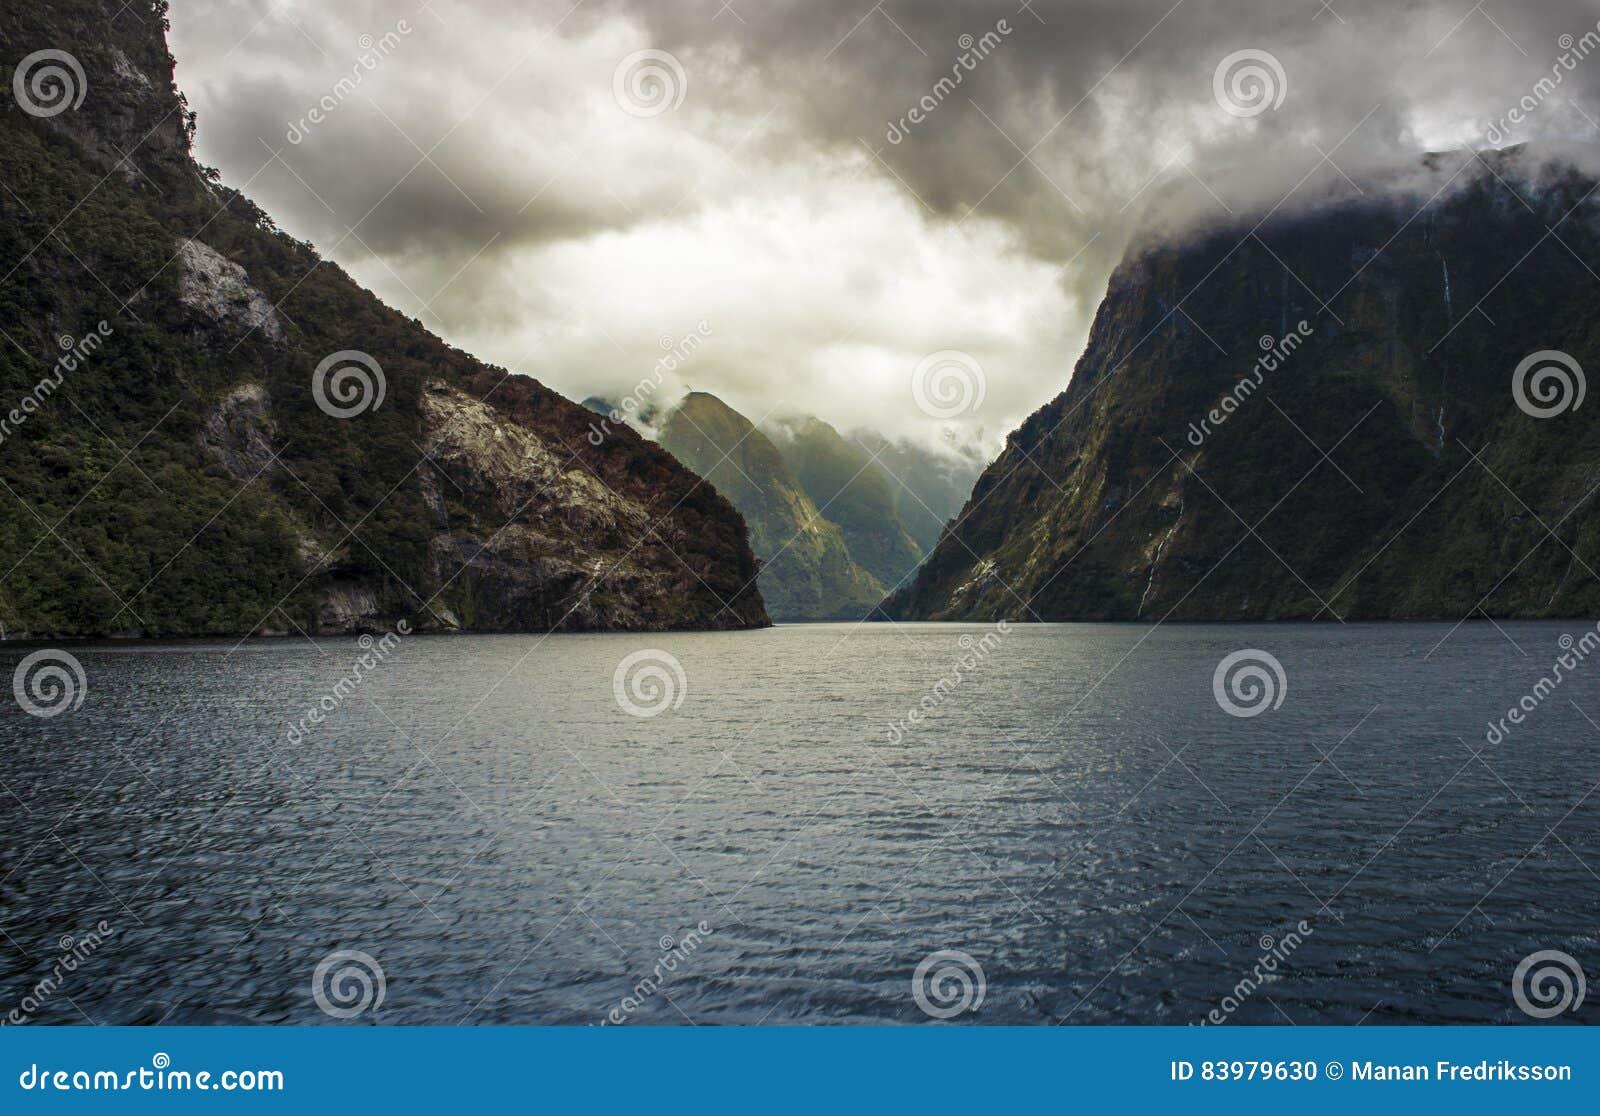 Nubes de tormenta dramáticas sobre la montaña en sonido dudoso